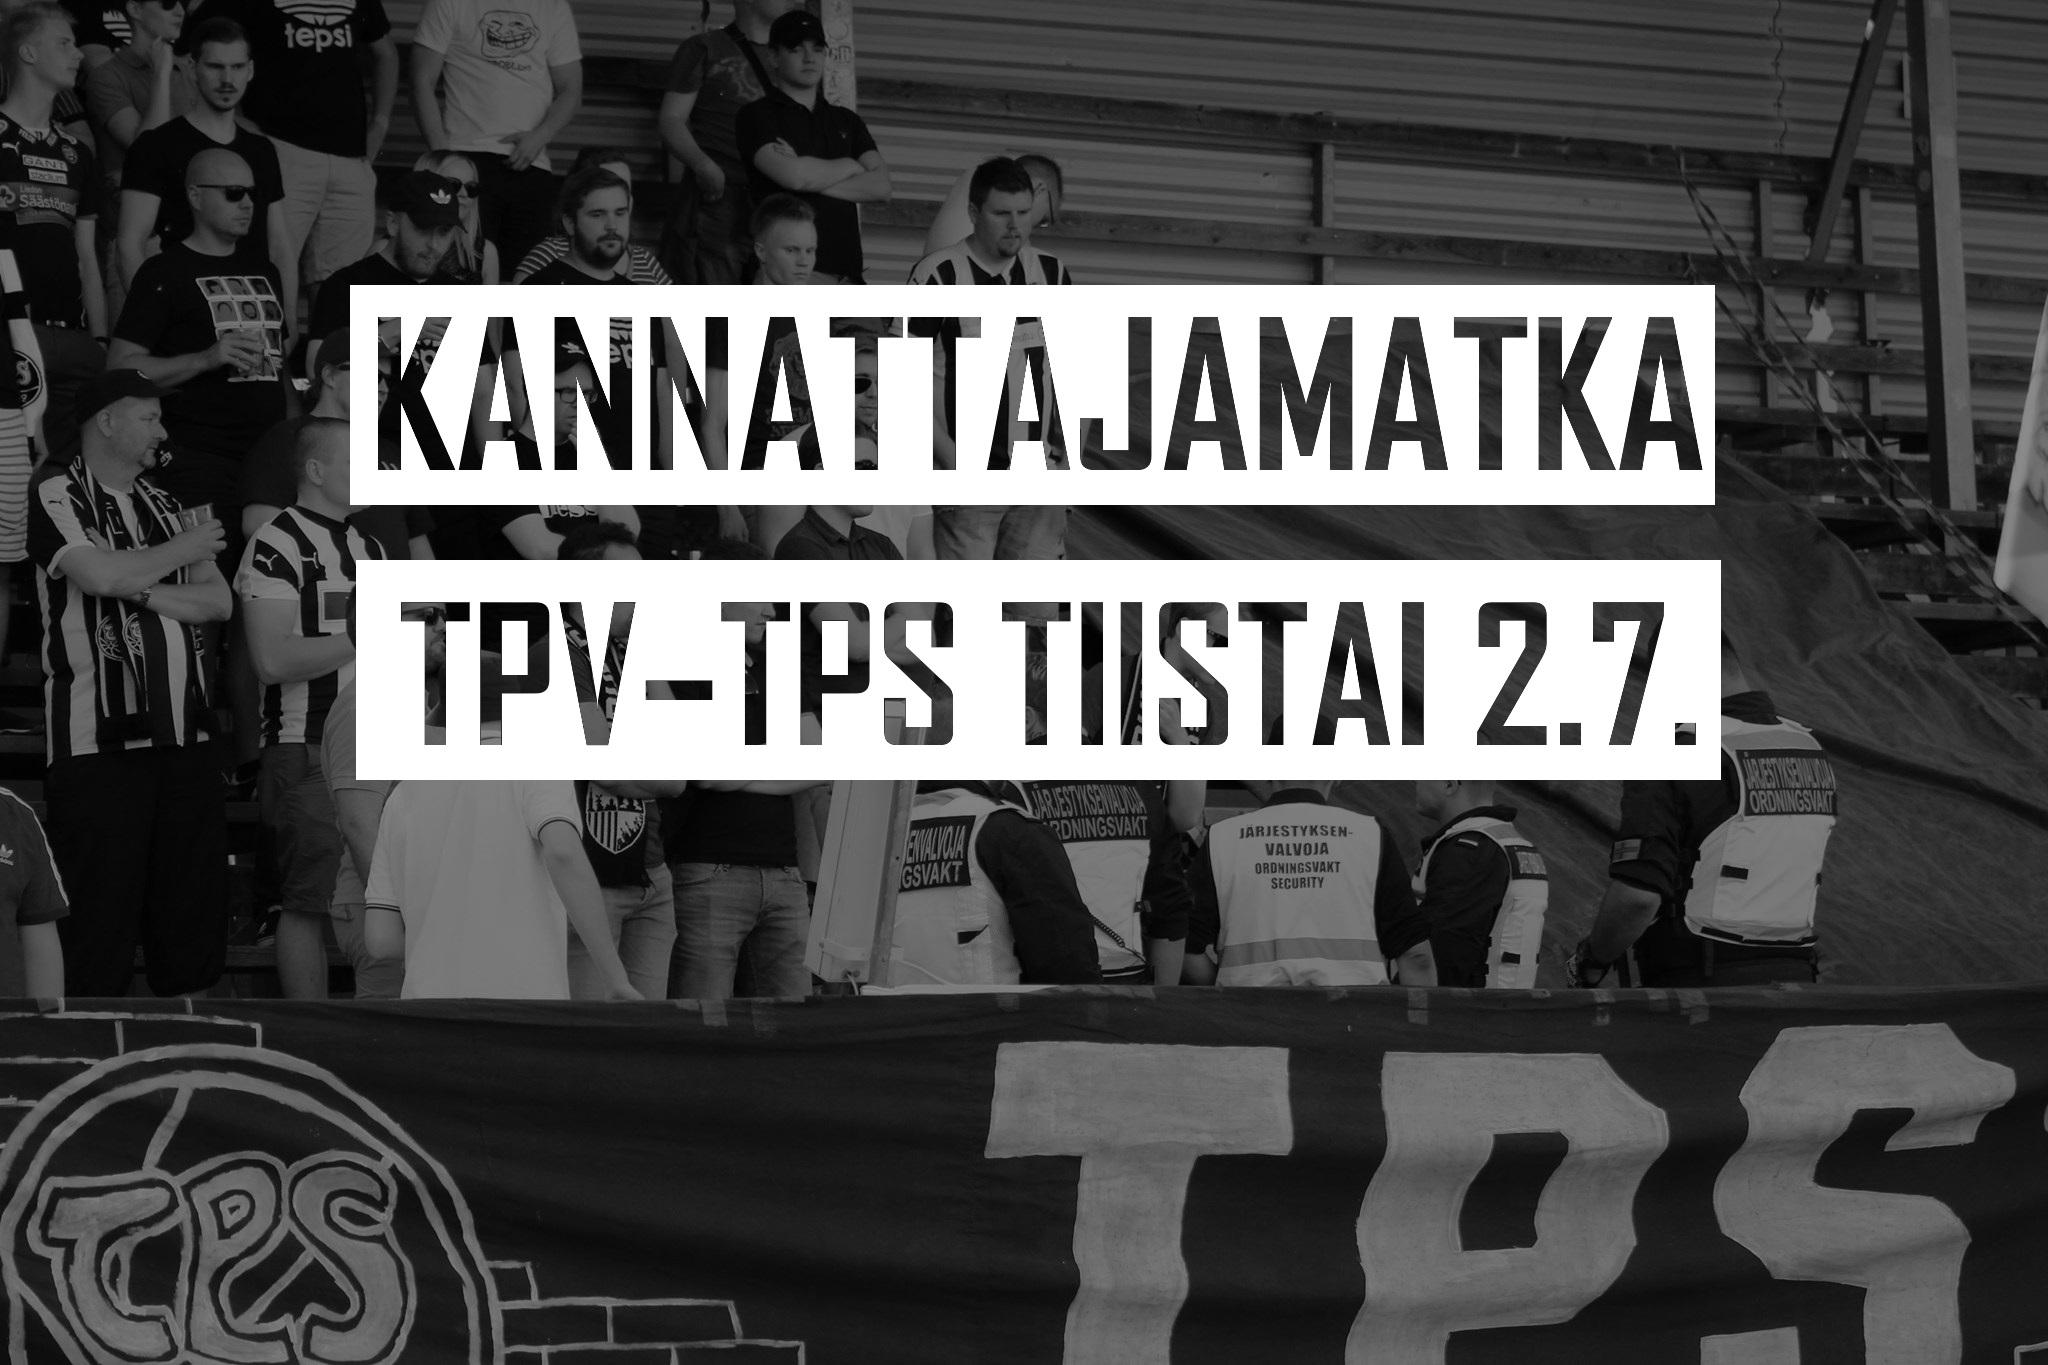 Kannattajamatka: TPV–TPS tiistaina 2.7.